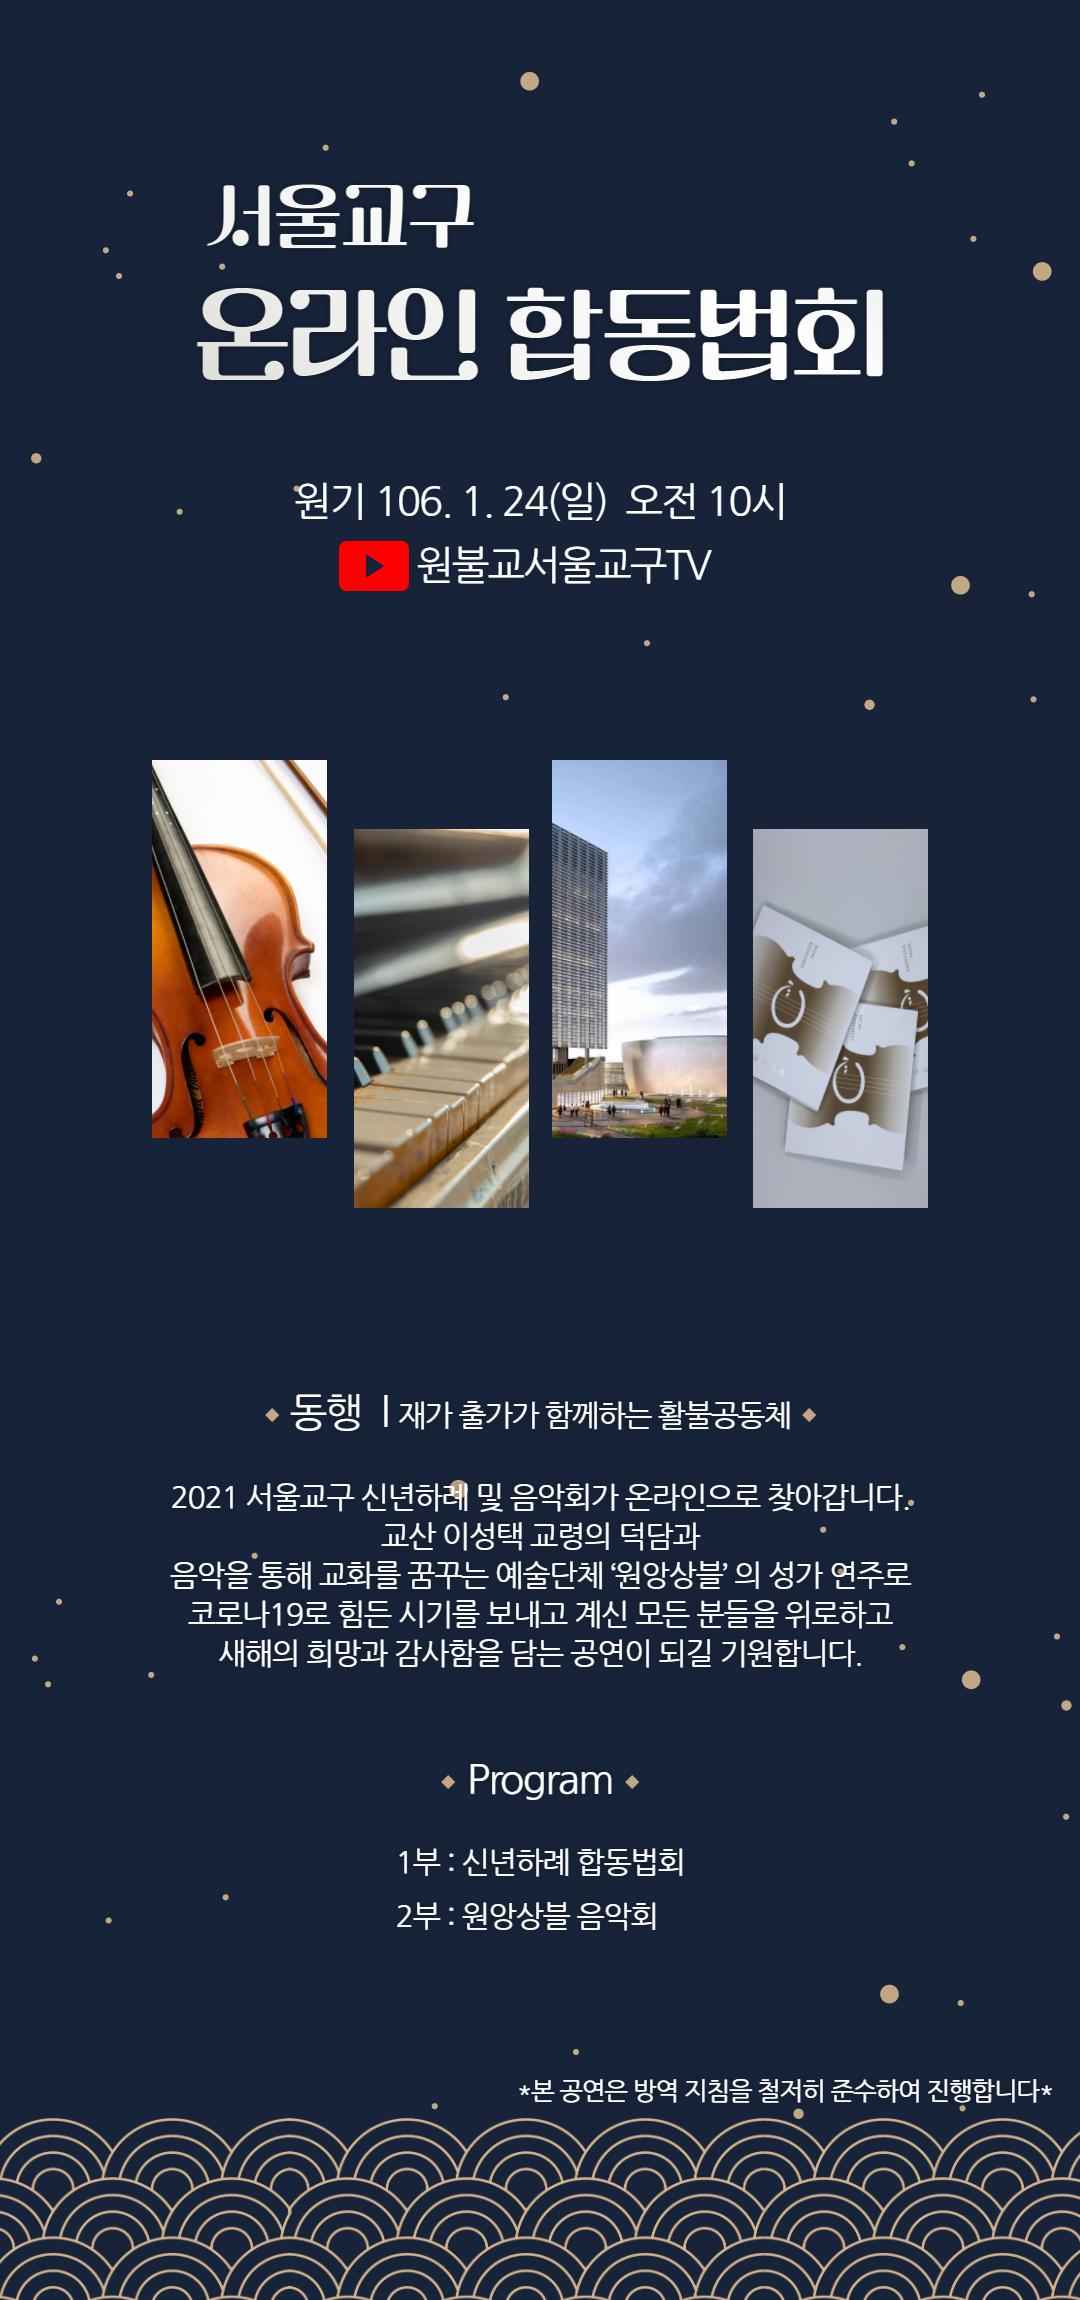 신년하례 포스터 최종본.png